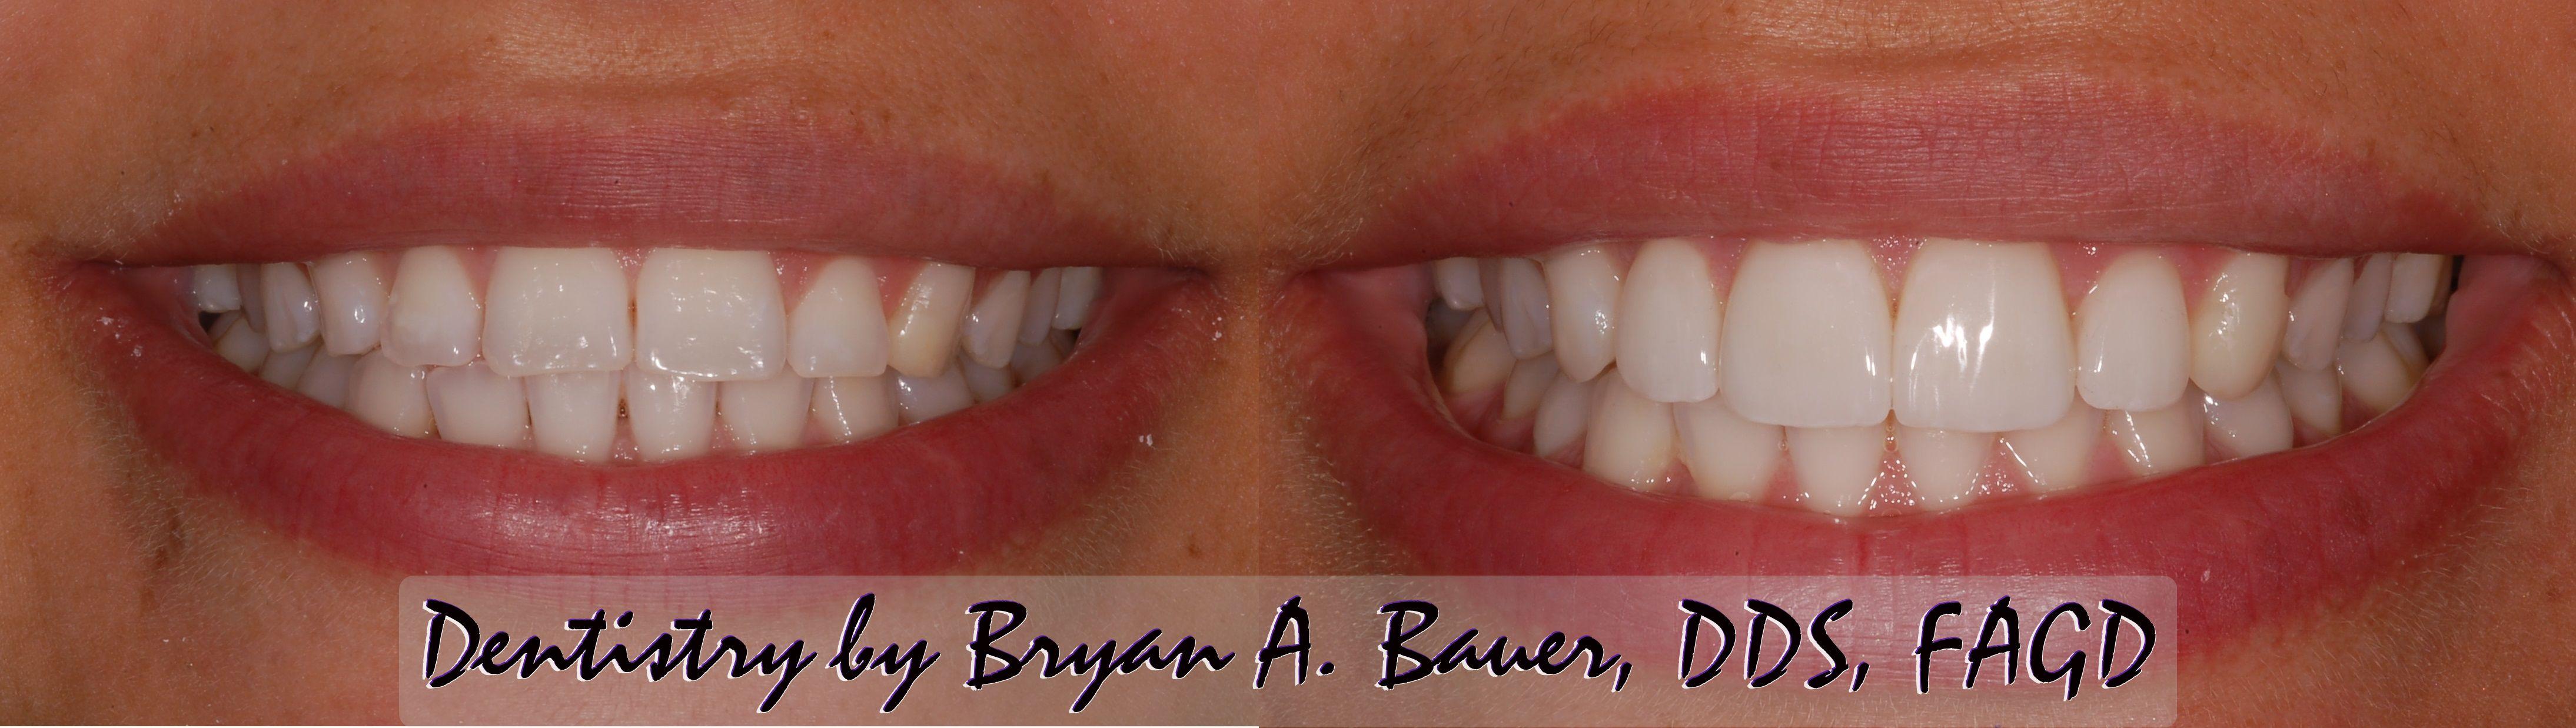 Cosmetic Dentistry Minimal Prep Dental Veneers